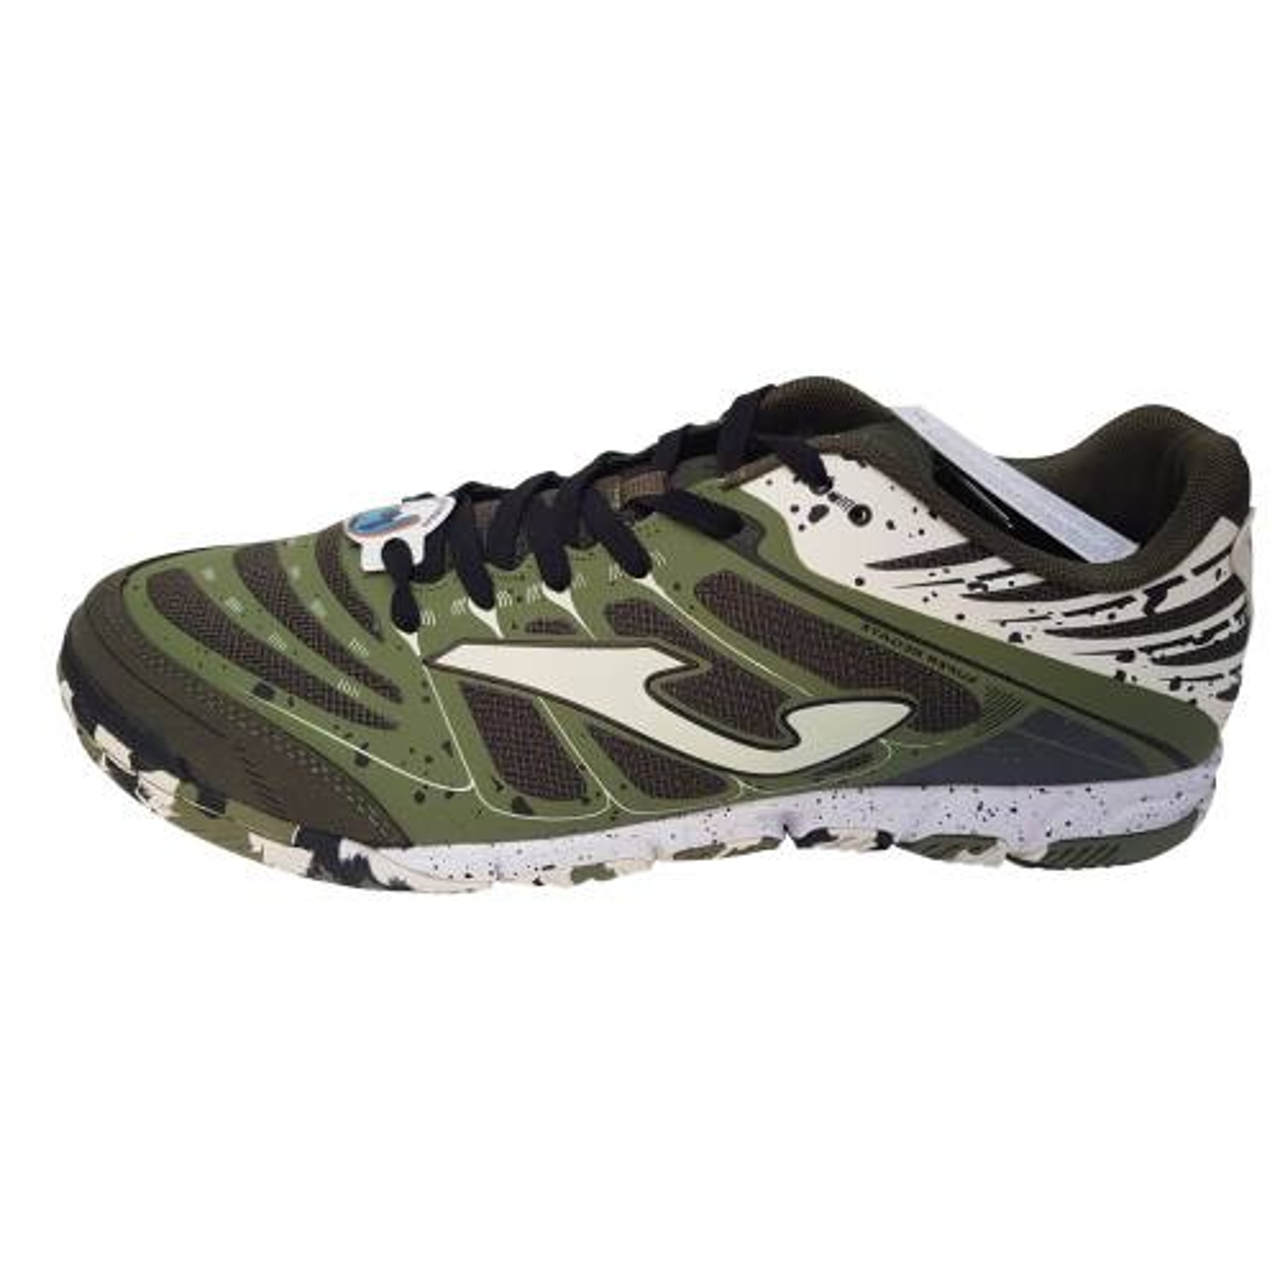 کفش فوتسال مردانه جوما مدل Super Regate 823